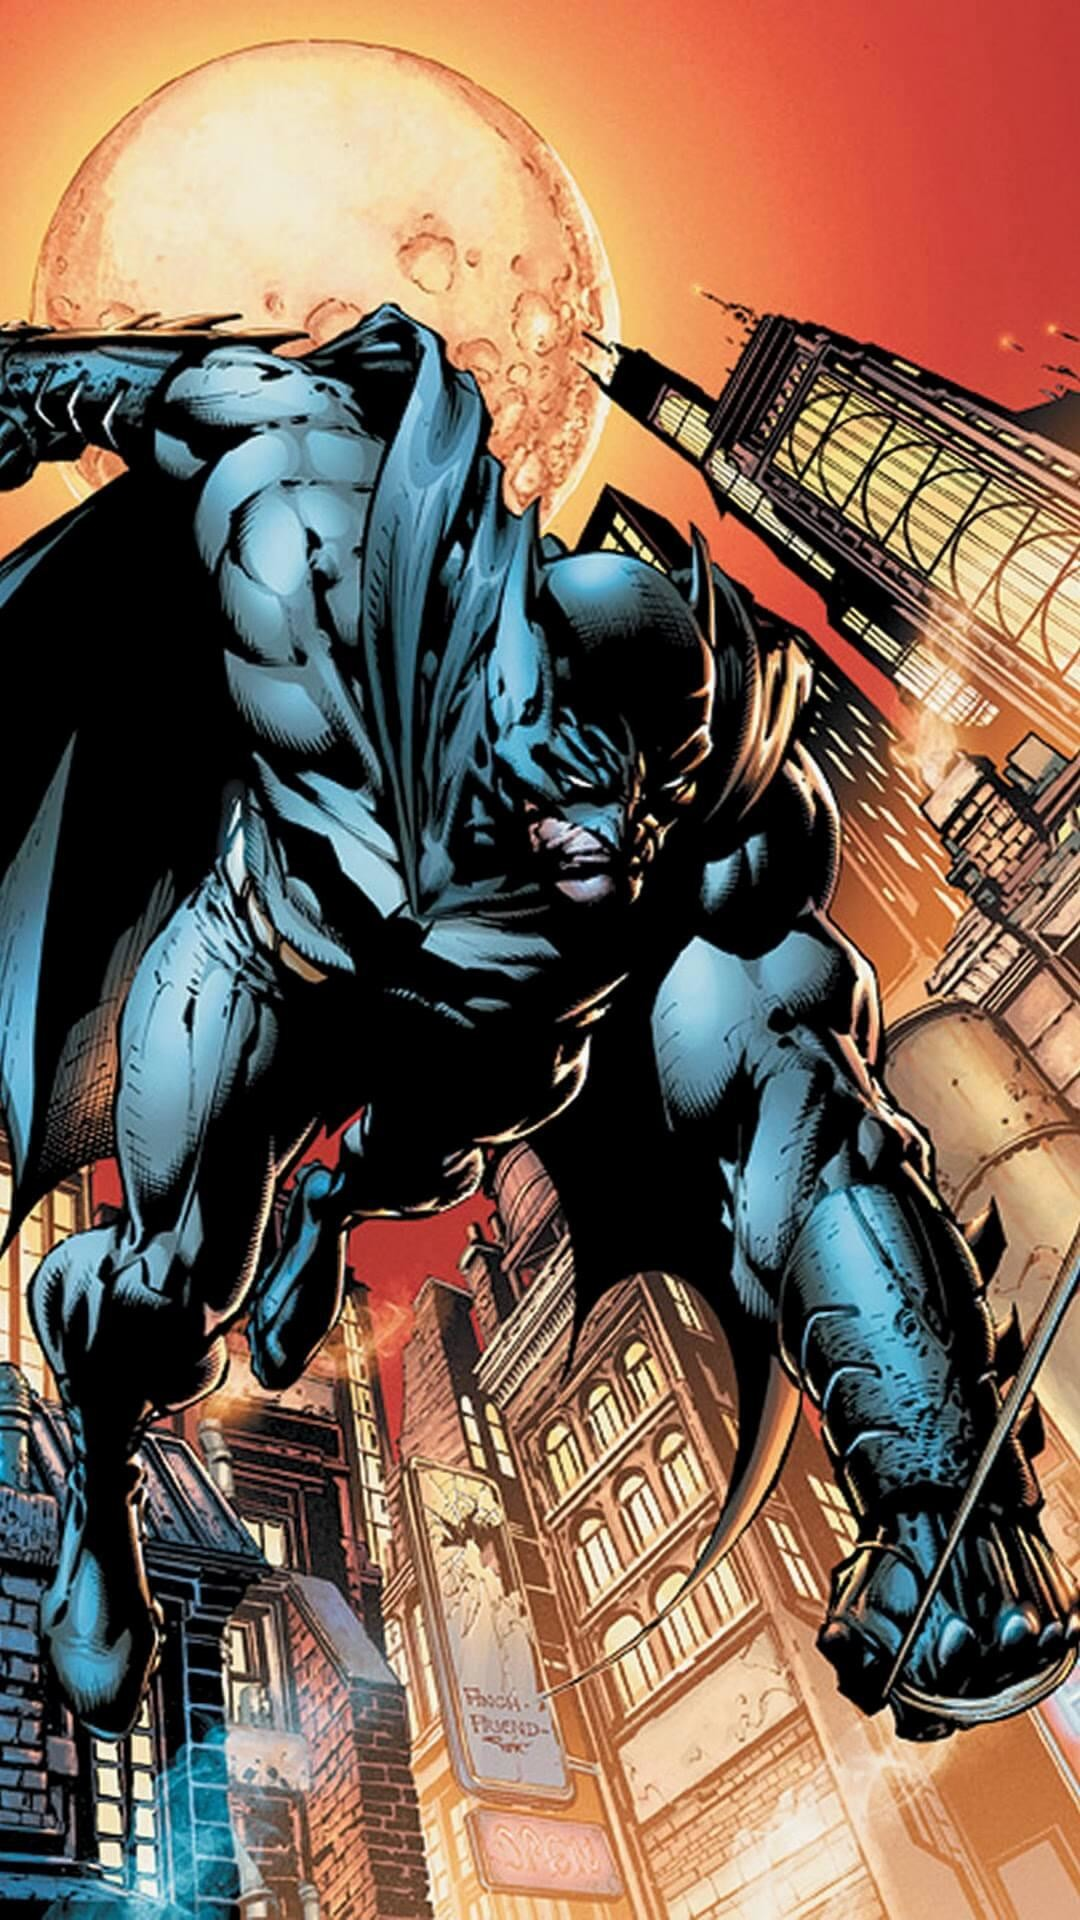 Batman new 52 wallpaper 72 images - New 52 wallpaper ...